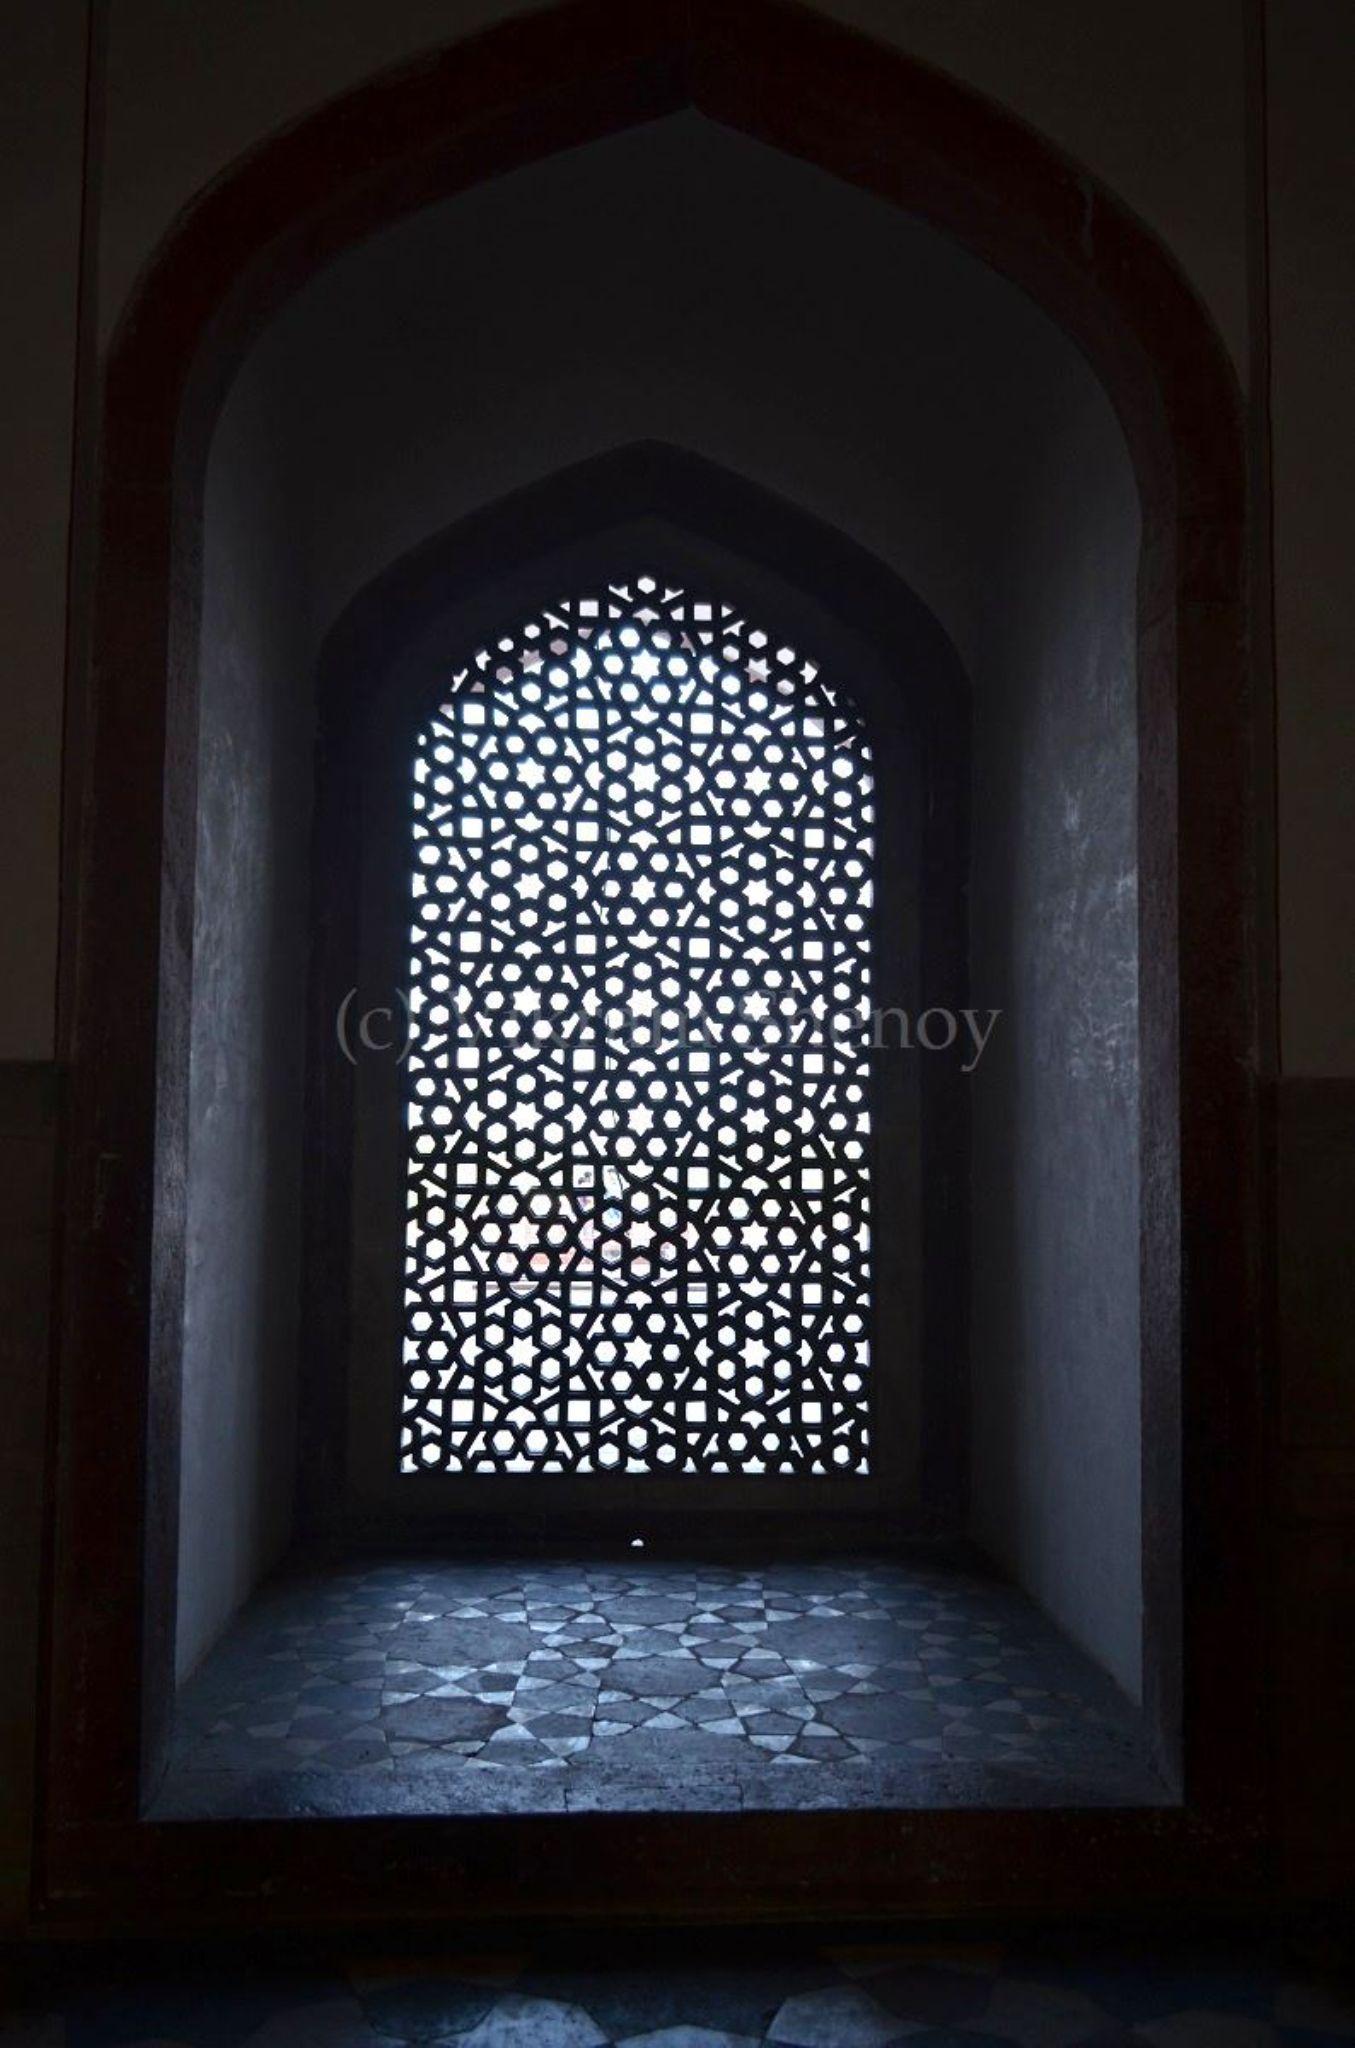 Outer Light by Vikram Shenoy